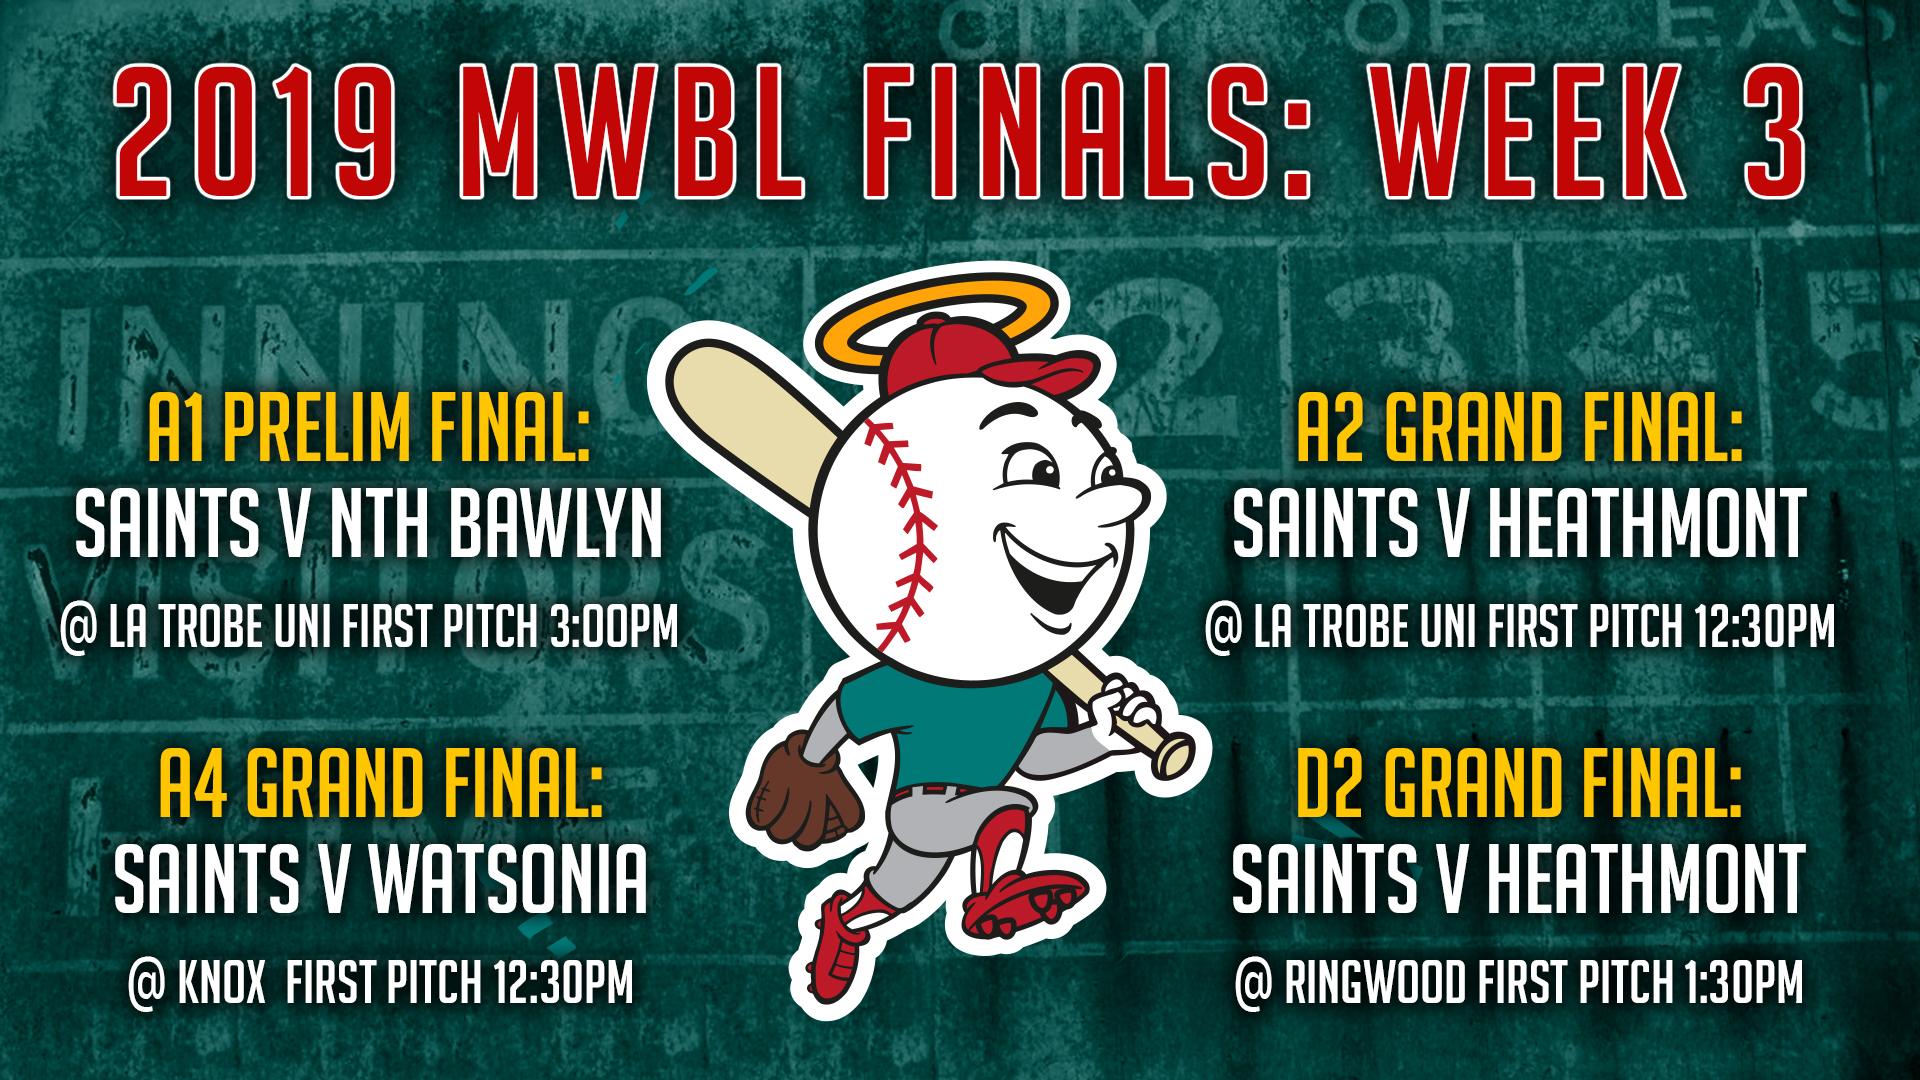 Senior Teams: Finals Week 3